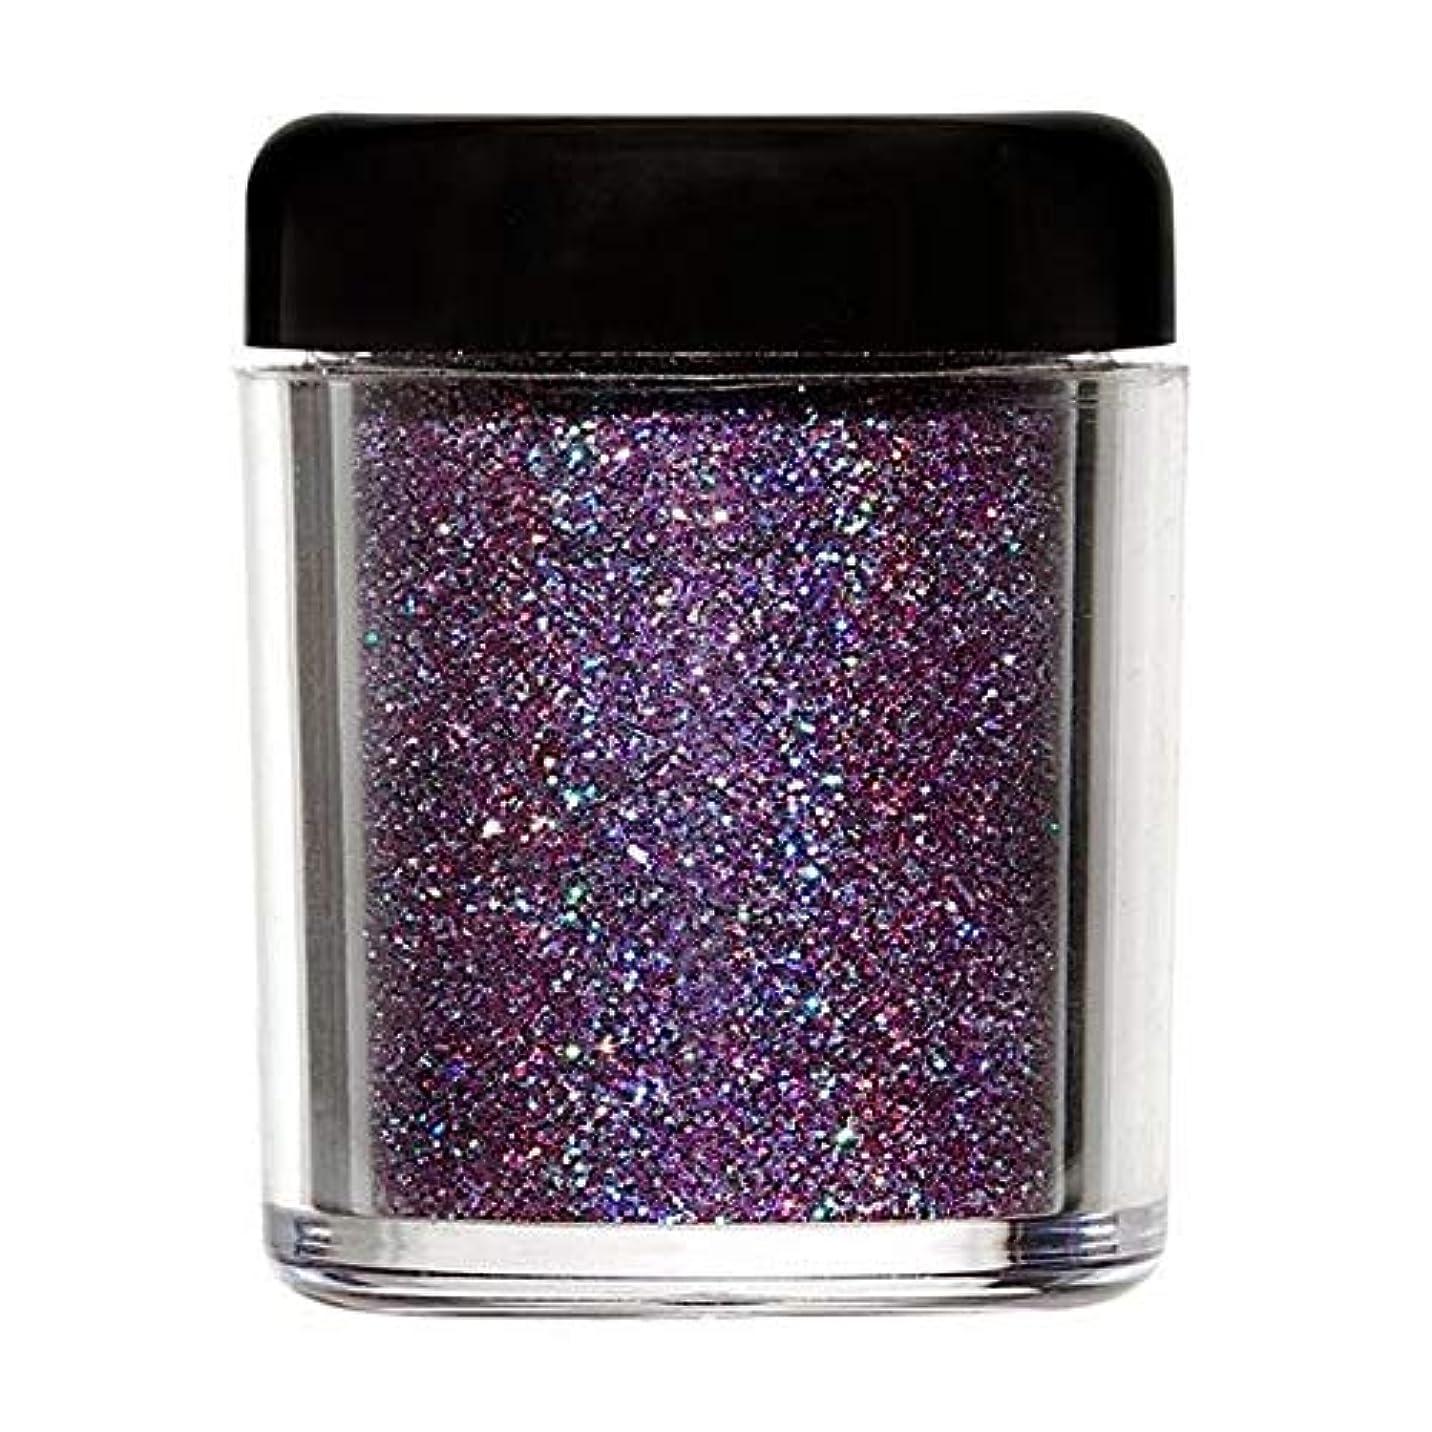 イヤホン雄弁な白菜[Barry M ] バリーメートルのグリッターラッシュボディの輝き - 紫外線 - Barry M Glitter Rush Body Glitter - Ultraviolet [並行輸入品]